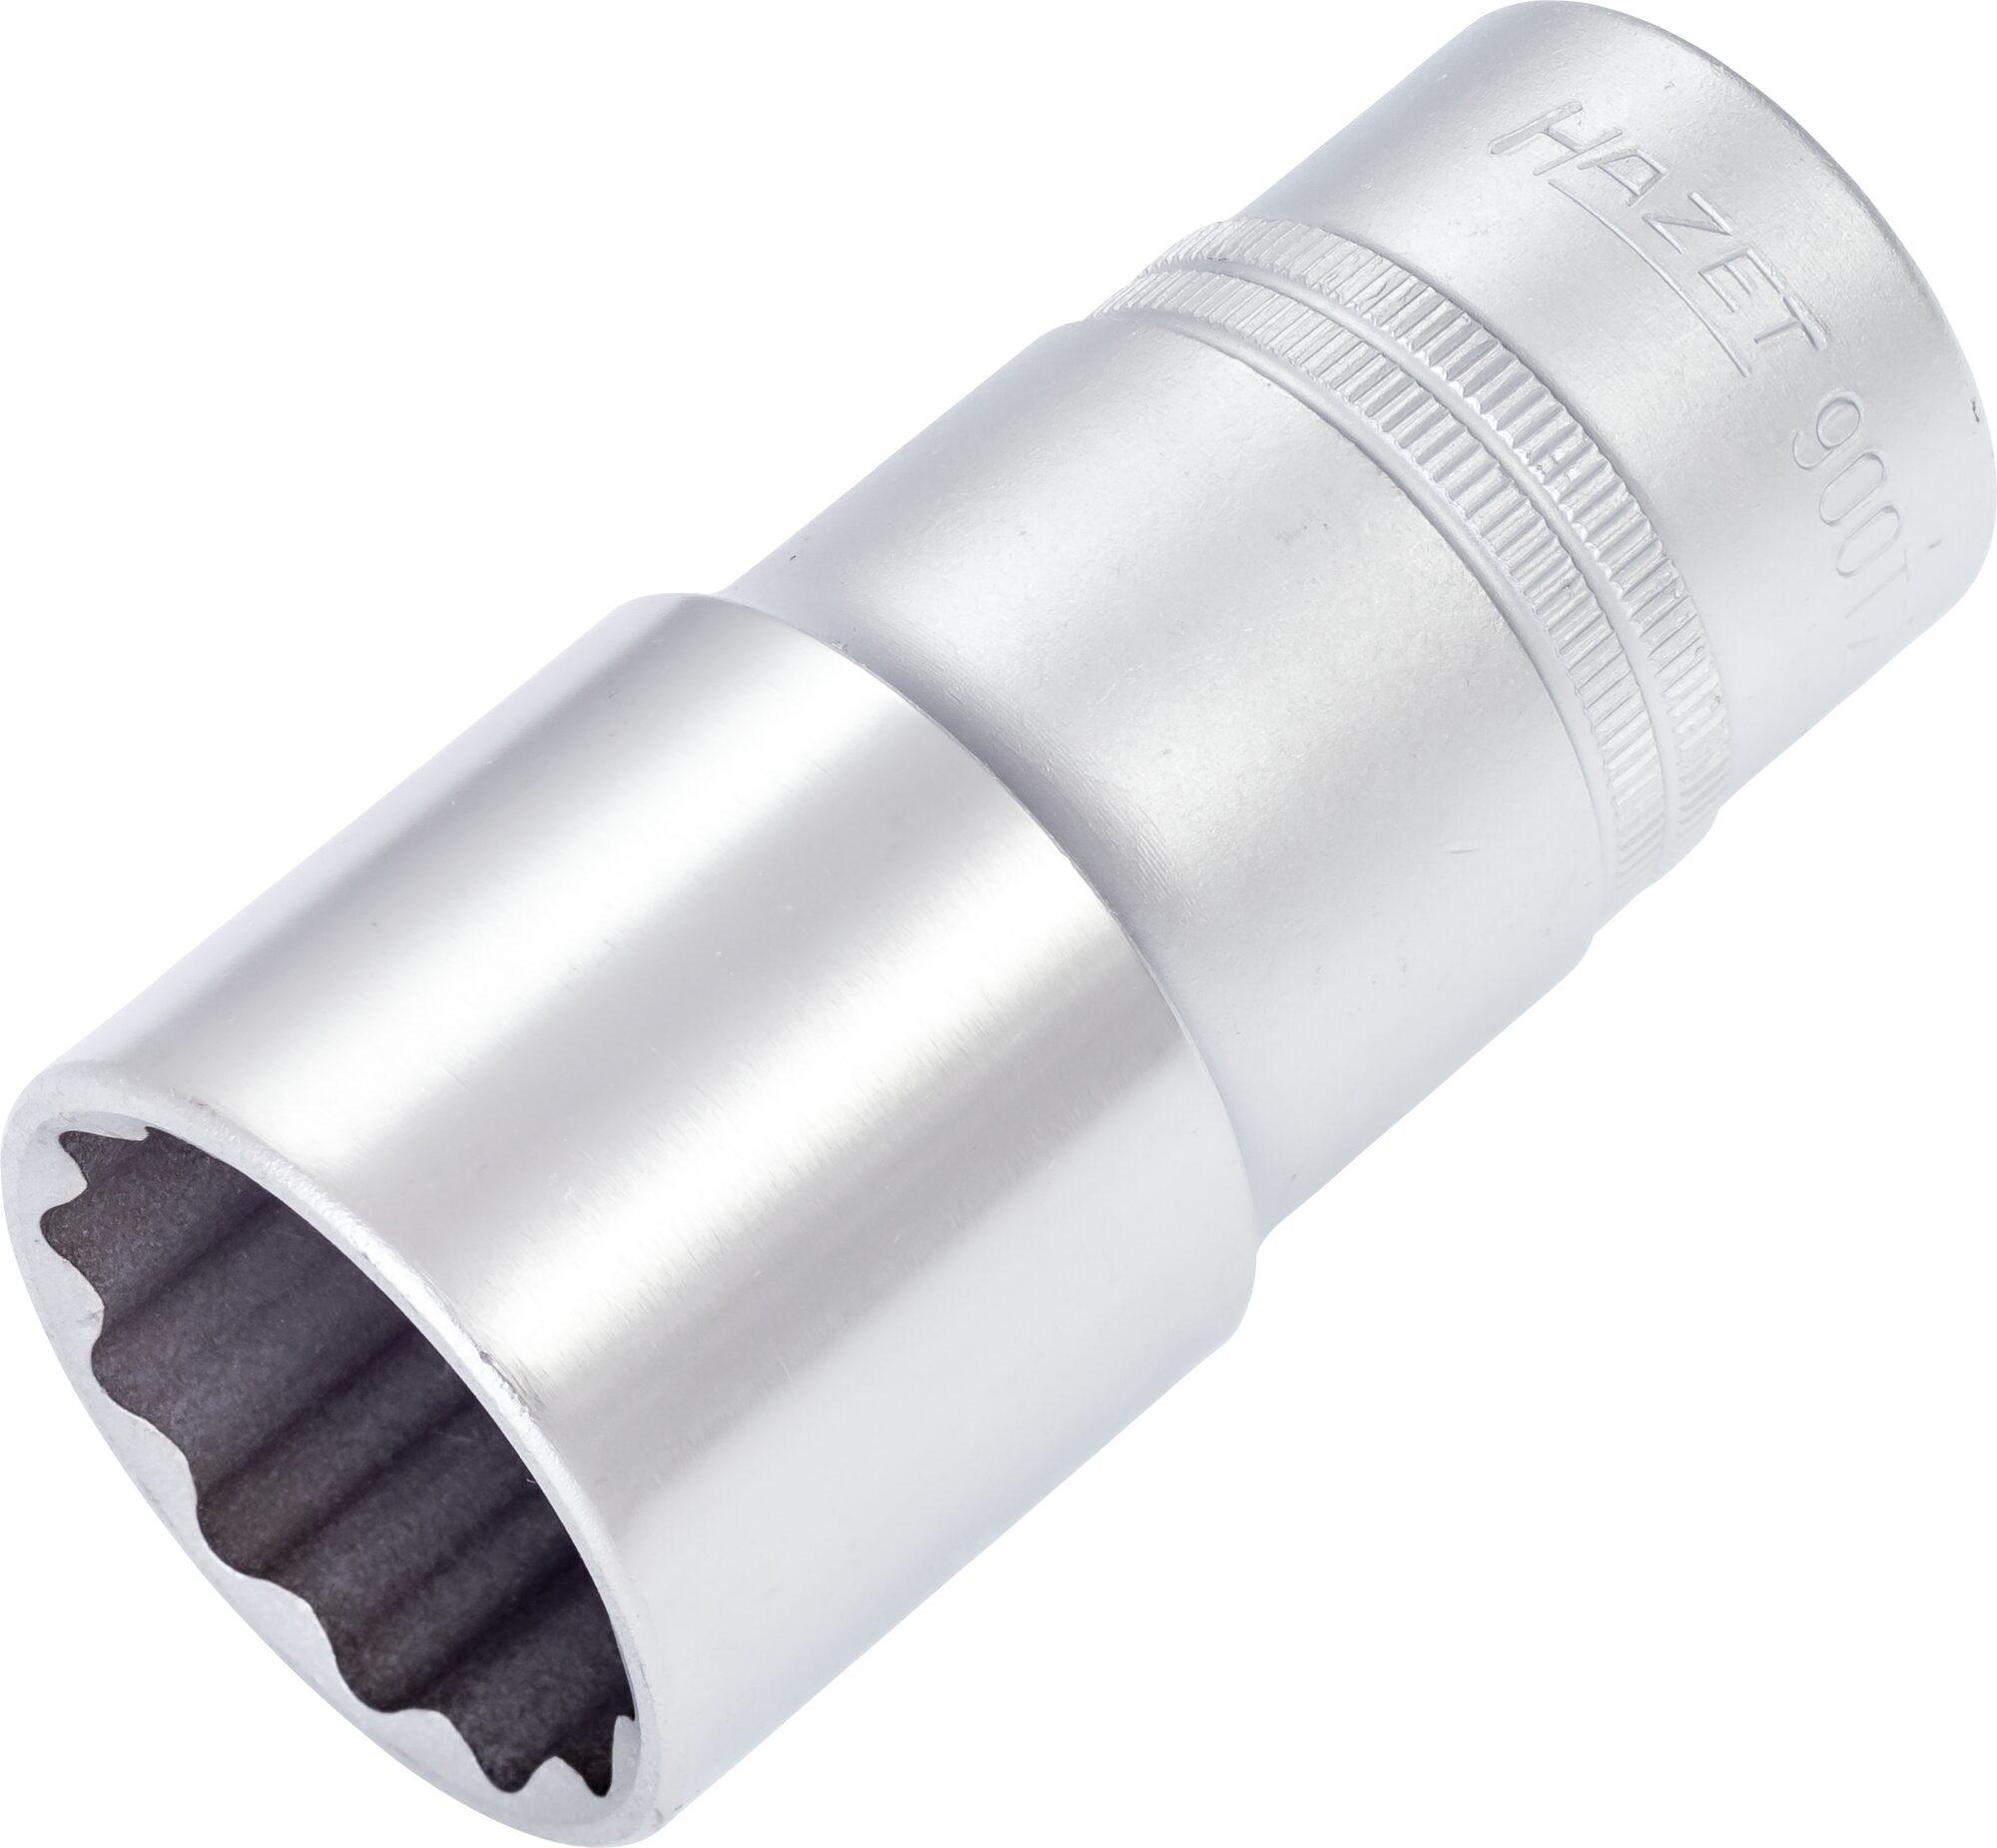 HAZET Steckschlüsseleinsatz ∙ Doppelsechskant 900TZ-30 ∙ Vierkant hohl 12,5 mm (1/2 Zoll) ∙ 30 mm